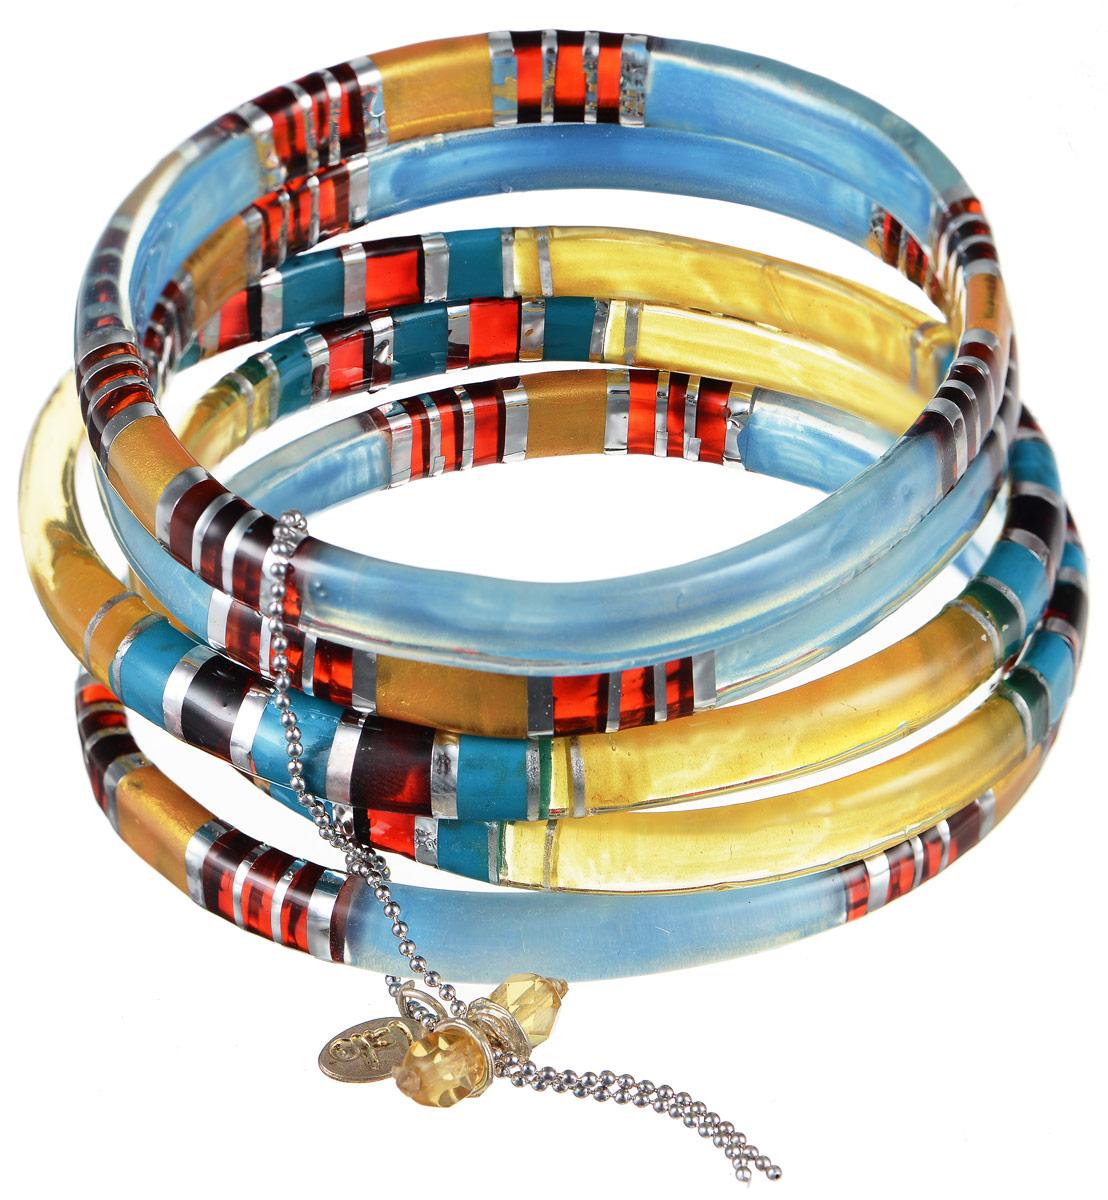 Браслет Lalo Treasures Row, цвет: голубой, желтый, красный. Bn2505Глидерный браслетЯркое комбинированное украшение Lalo Treasures Row включает пять браслетов, изготовленных из ювелирной смолы.Стильное украшение поможет дополнить любой образ и привнести в него завершающий яркий штрих.